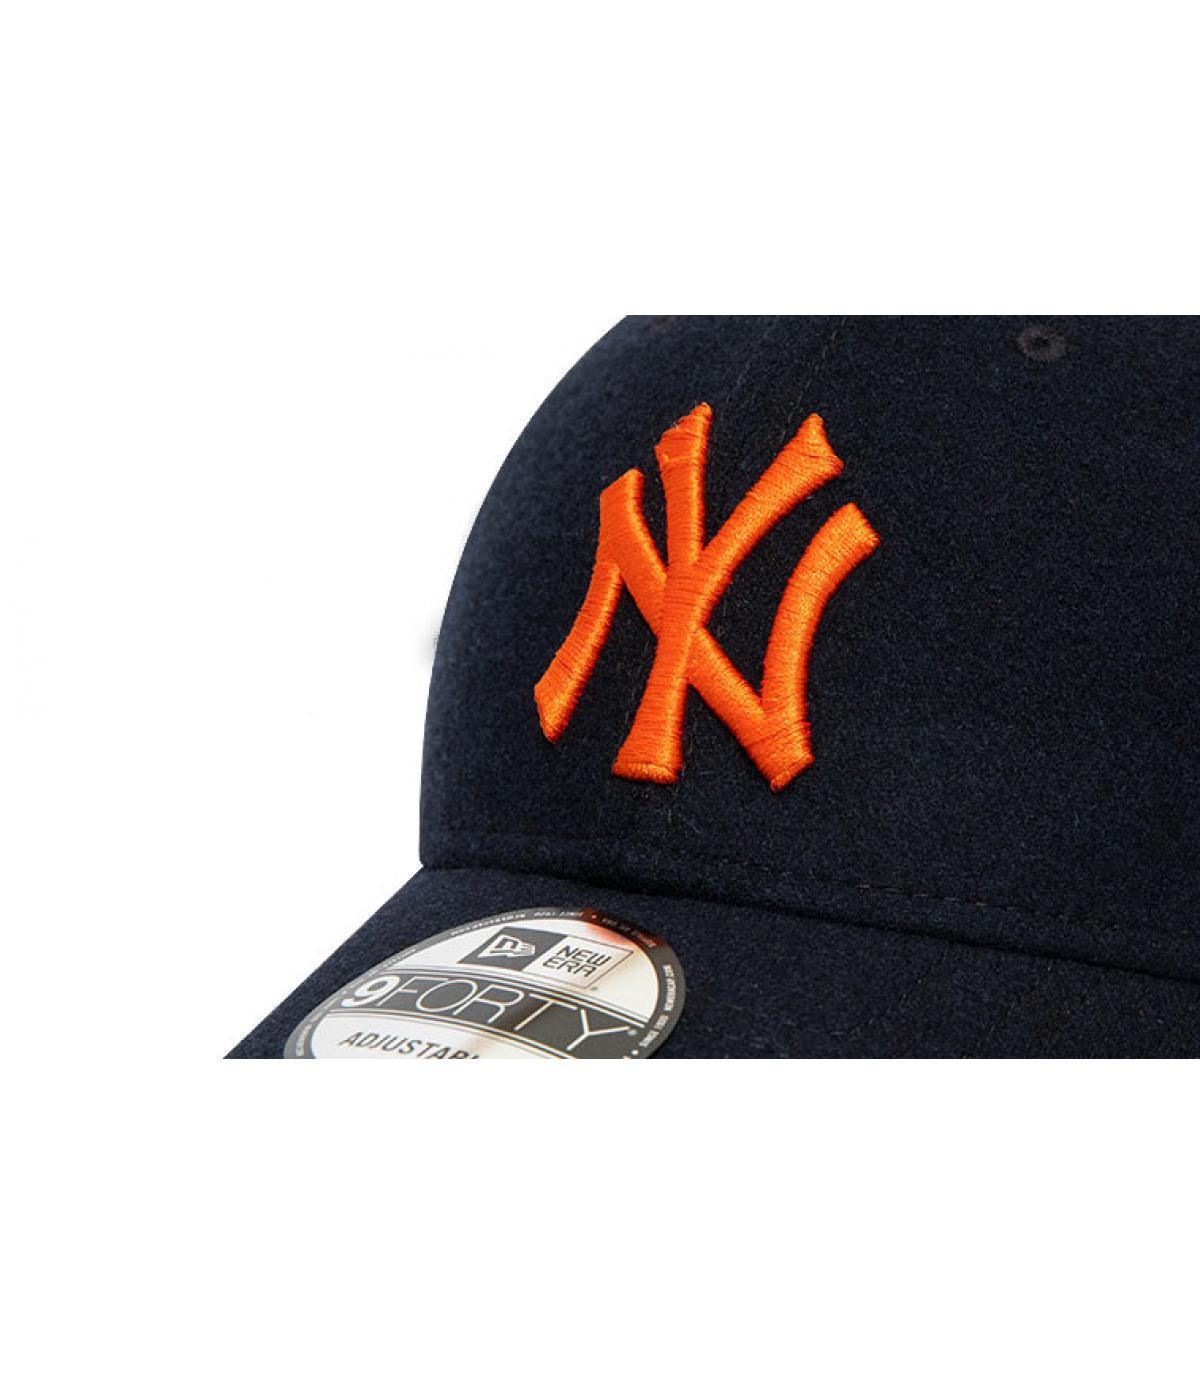 Details Kids League Ess NY 940 black orange - afbeeling 3